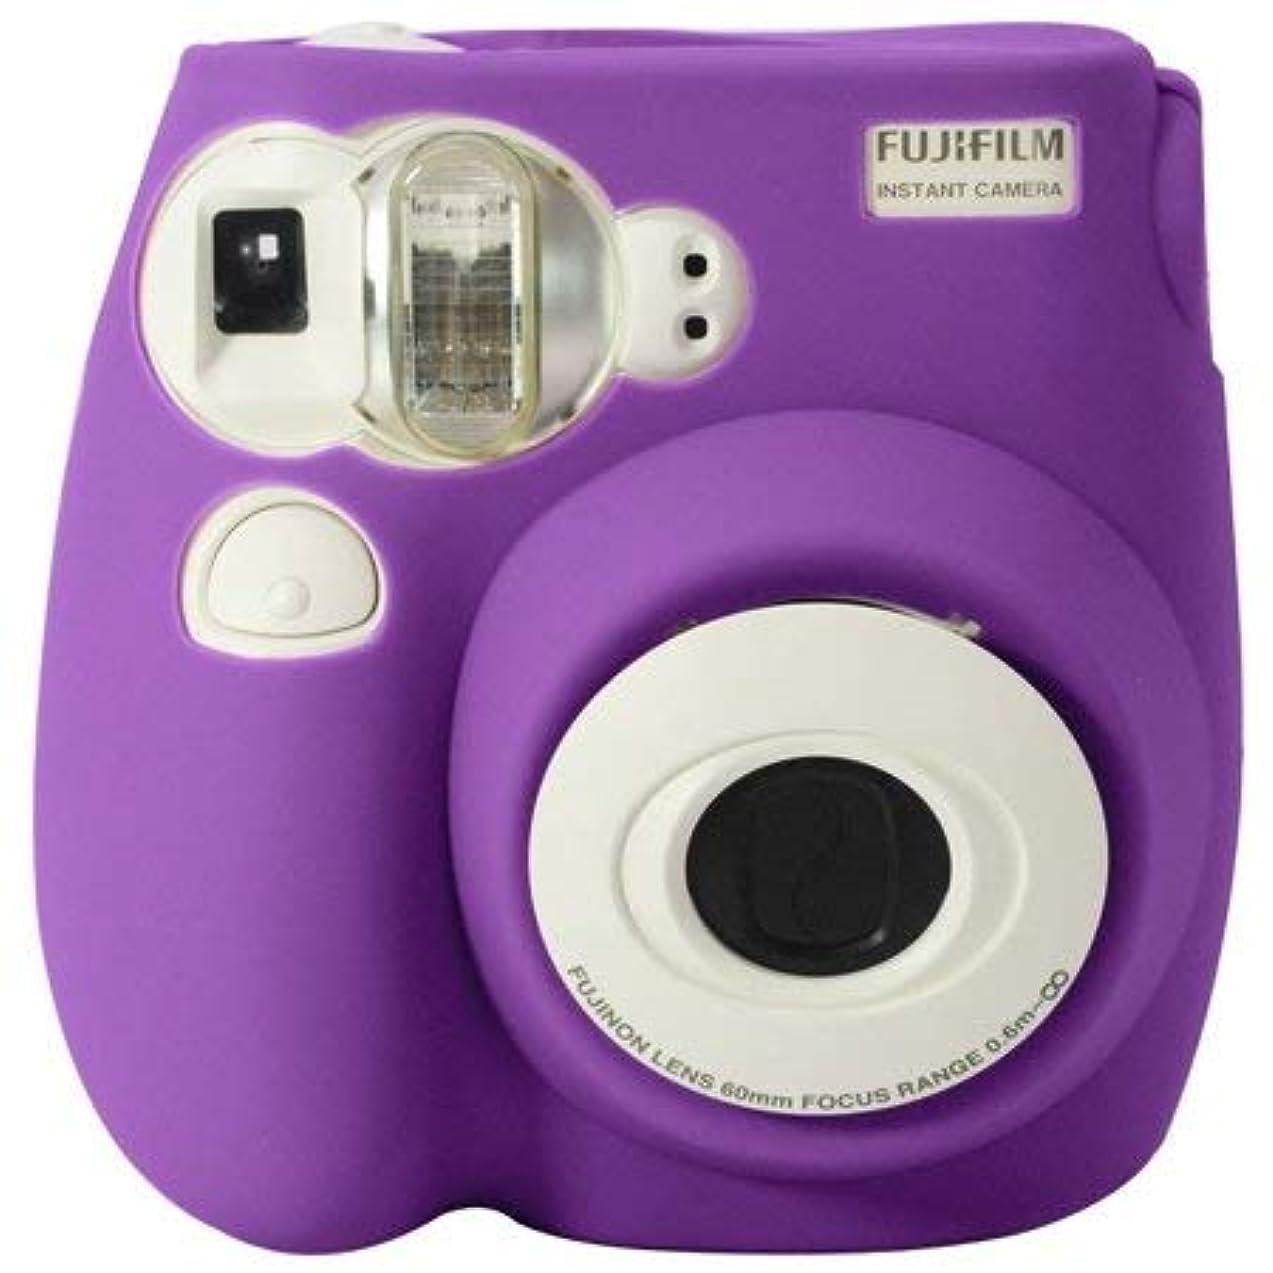 引き出すアストロラーベましいカメラケースバッグ Fujifilm Instax Mini 7s Instax Mini 7sケース Fujifilm Instax 7sケース ストラップ付き パープル